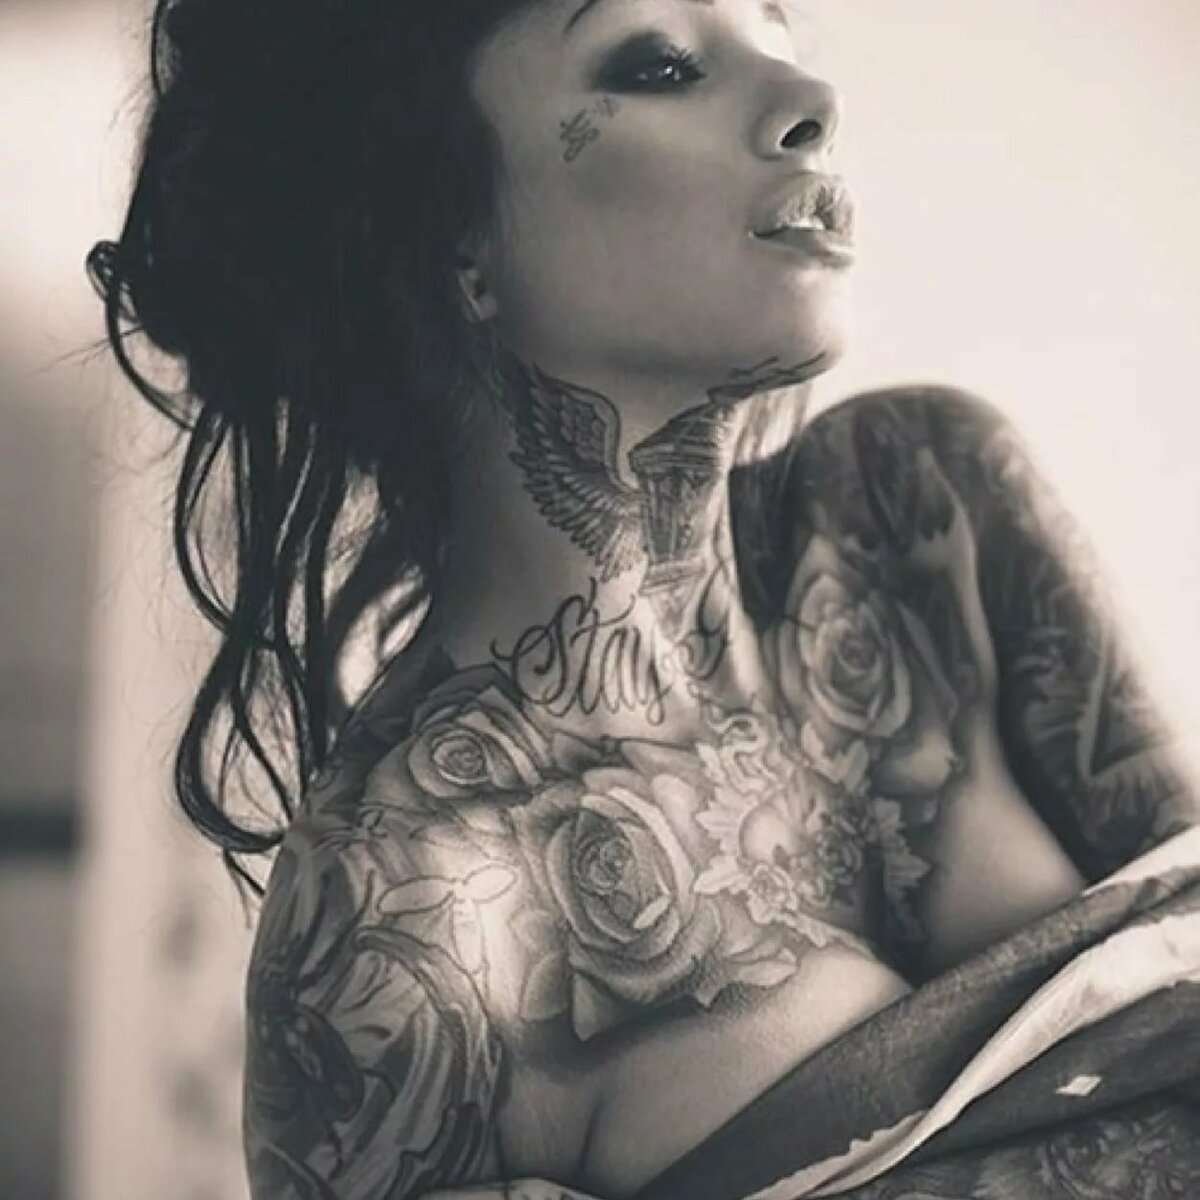 тушь для очень классное тату фото черно белые фотографии сделаны моими